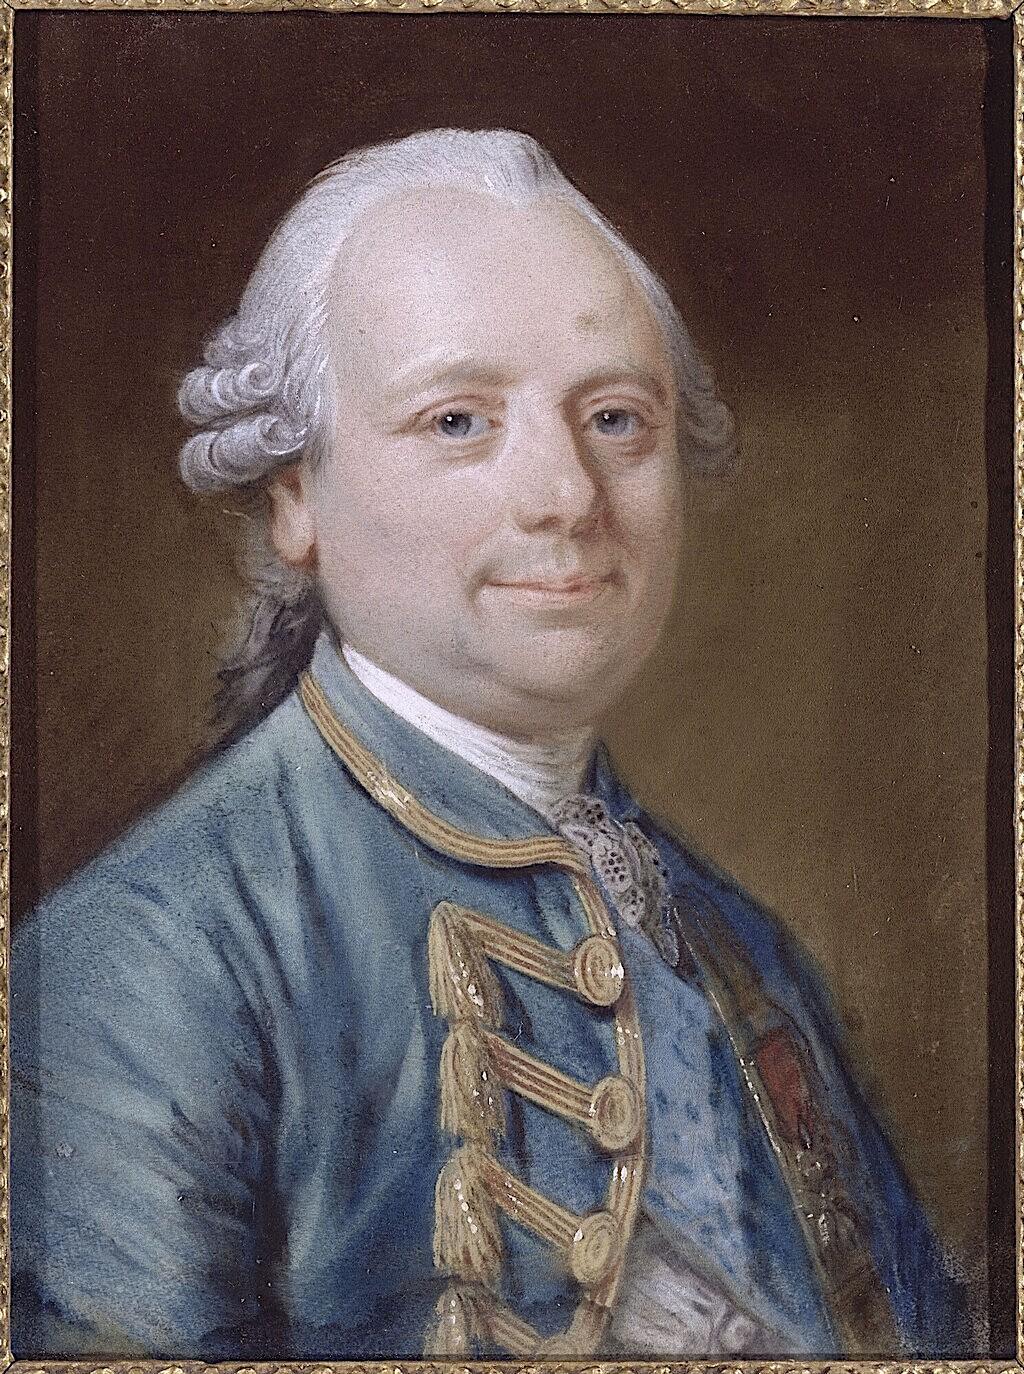 Étienne-Francois, duc de Choiseul - Page 2 Duc_de10